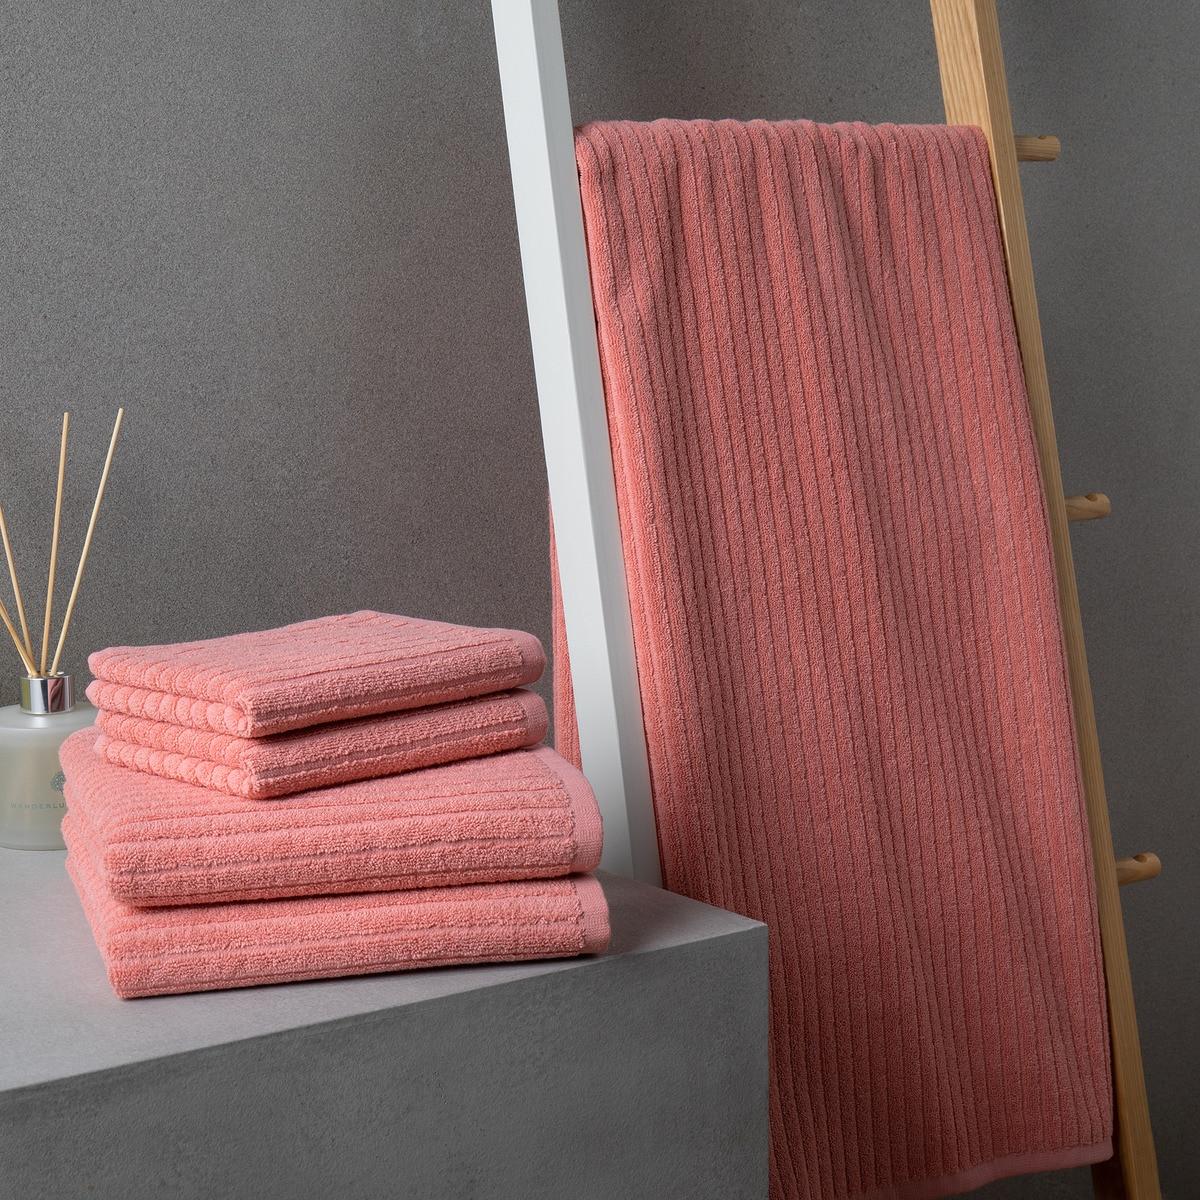 Juego de 5 toallas de baño Pana El Corte Inglés